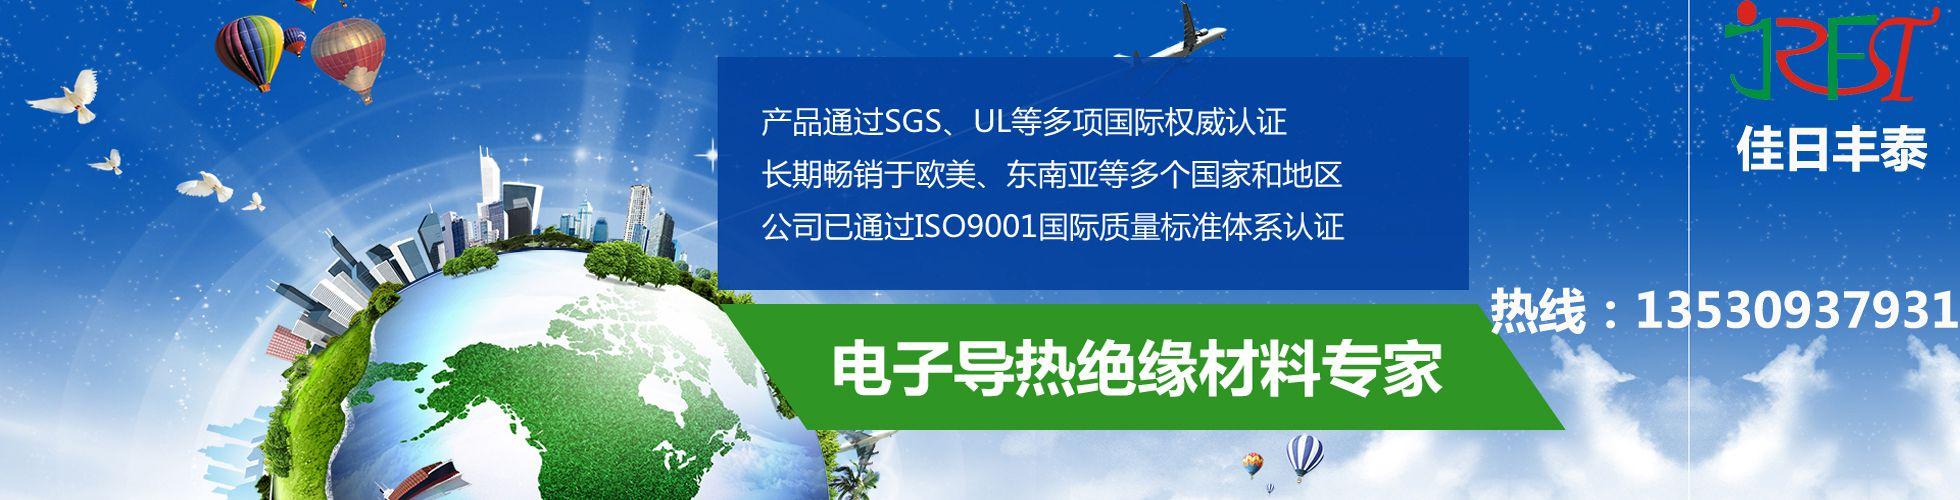 深圳市佳日丰泰电子科技有限公司